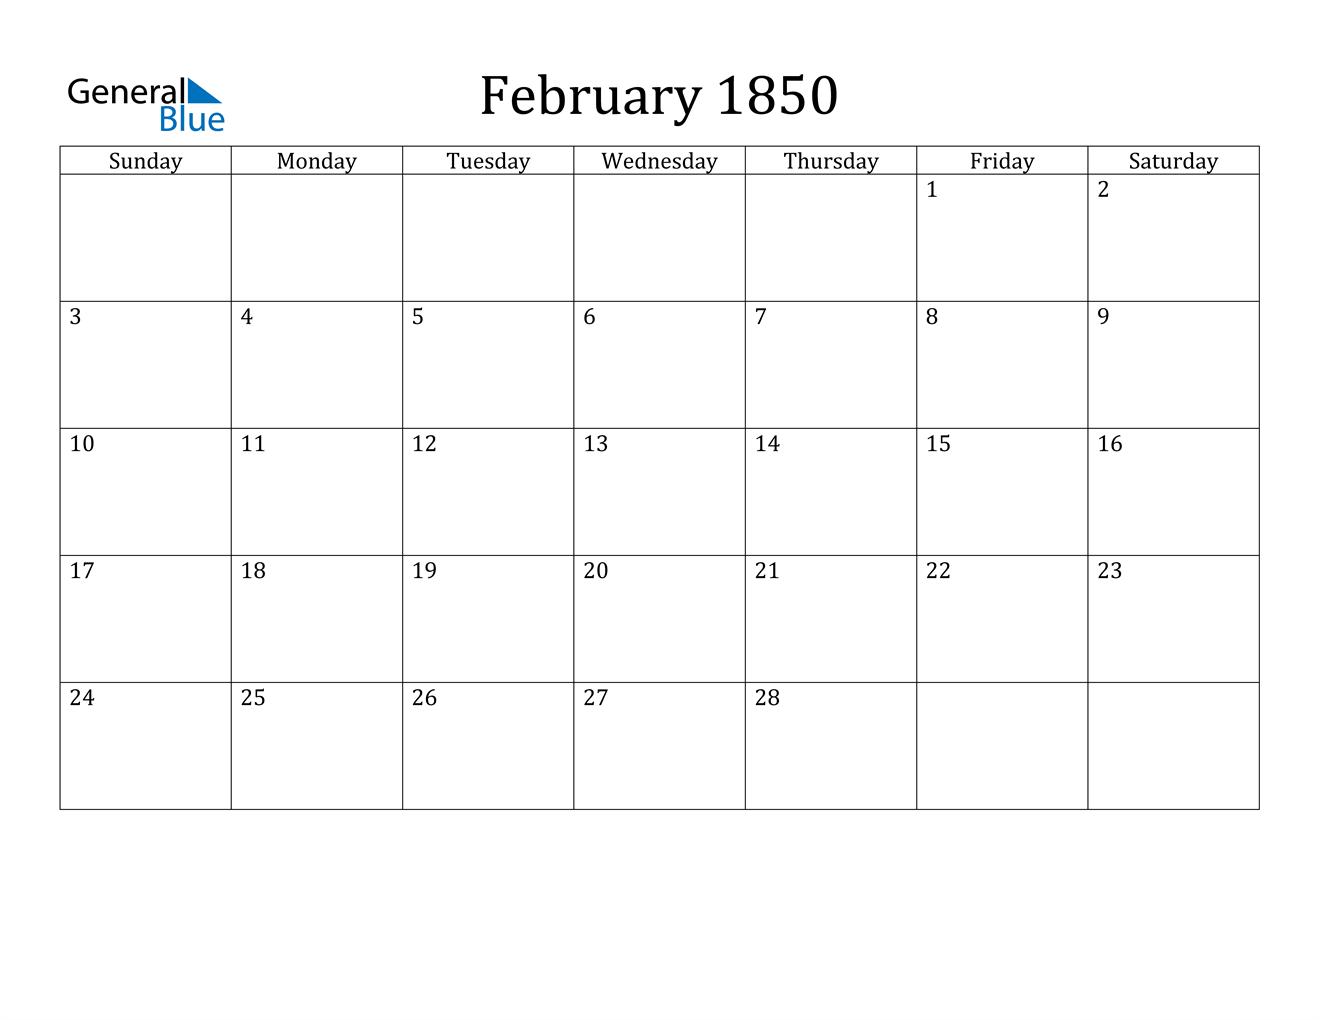 Image of February 1850 Calendar